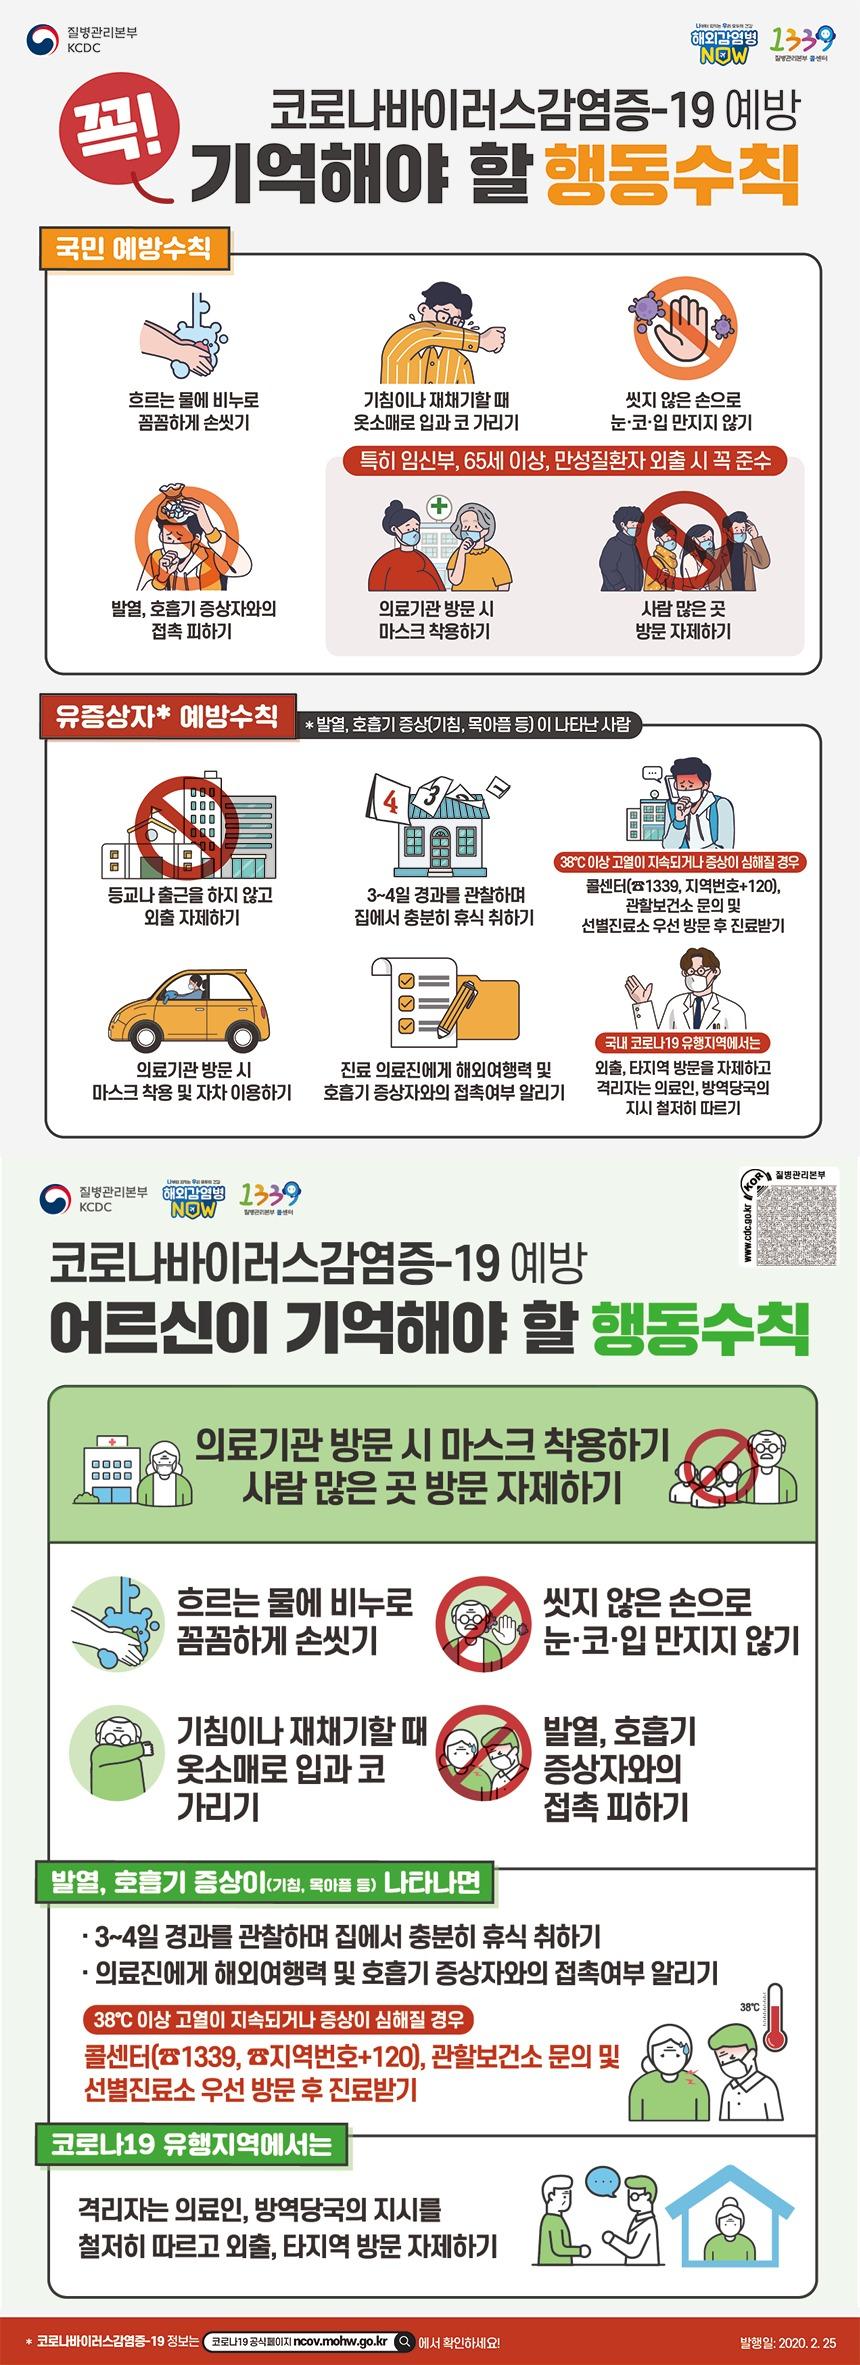 국민 행동수칙 포스터